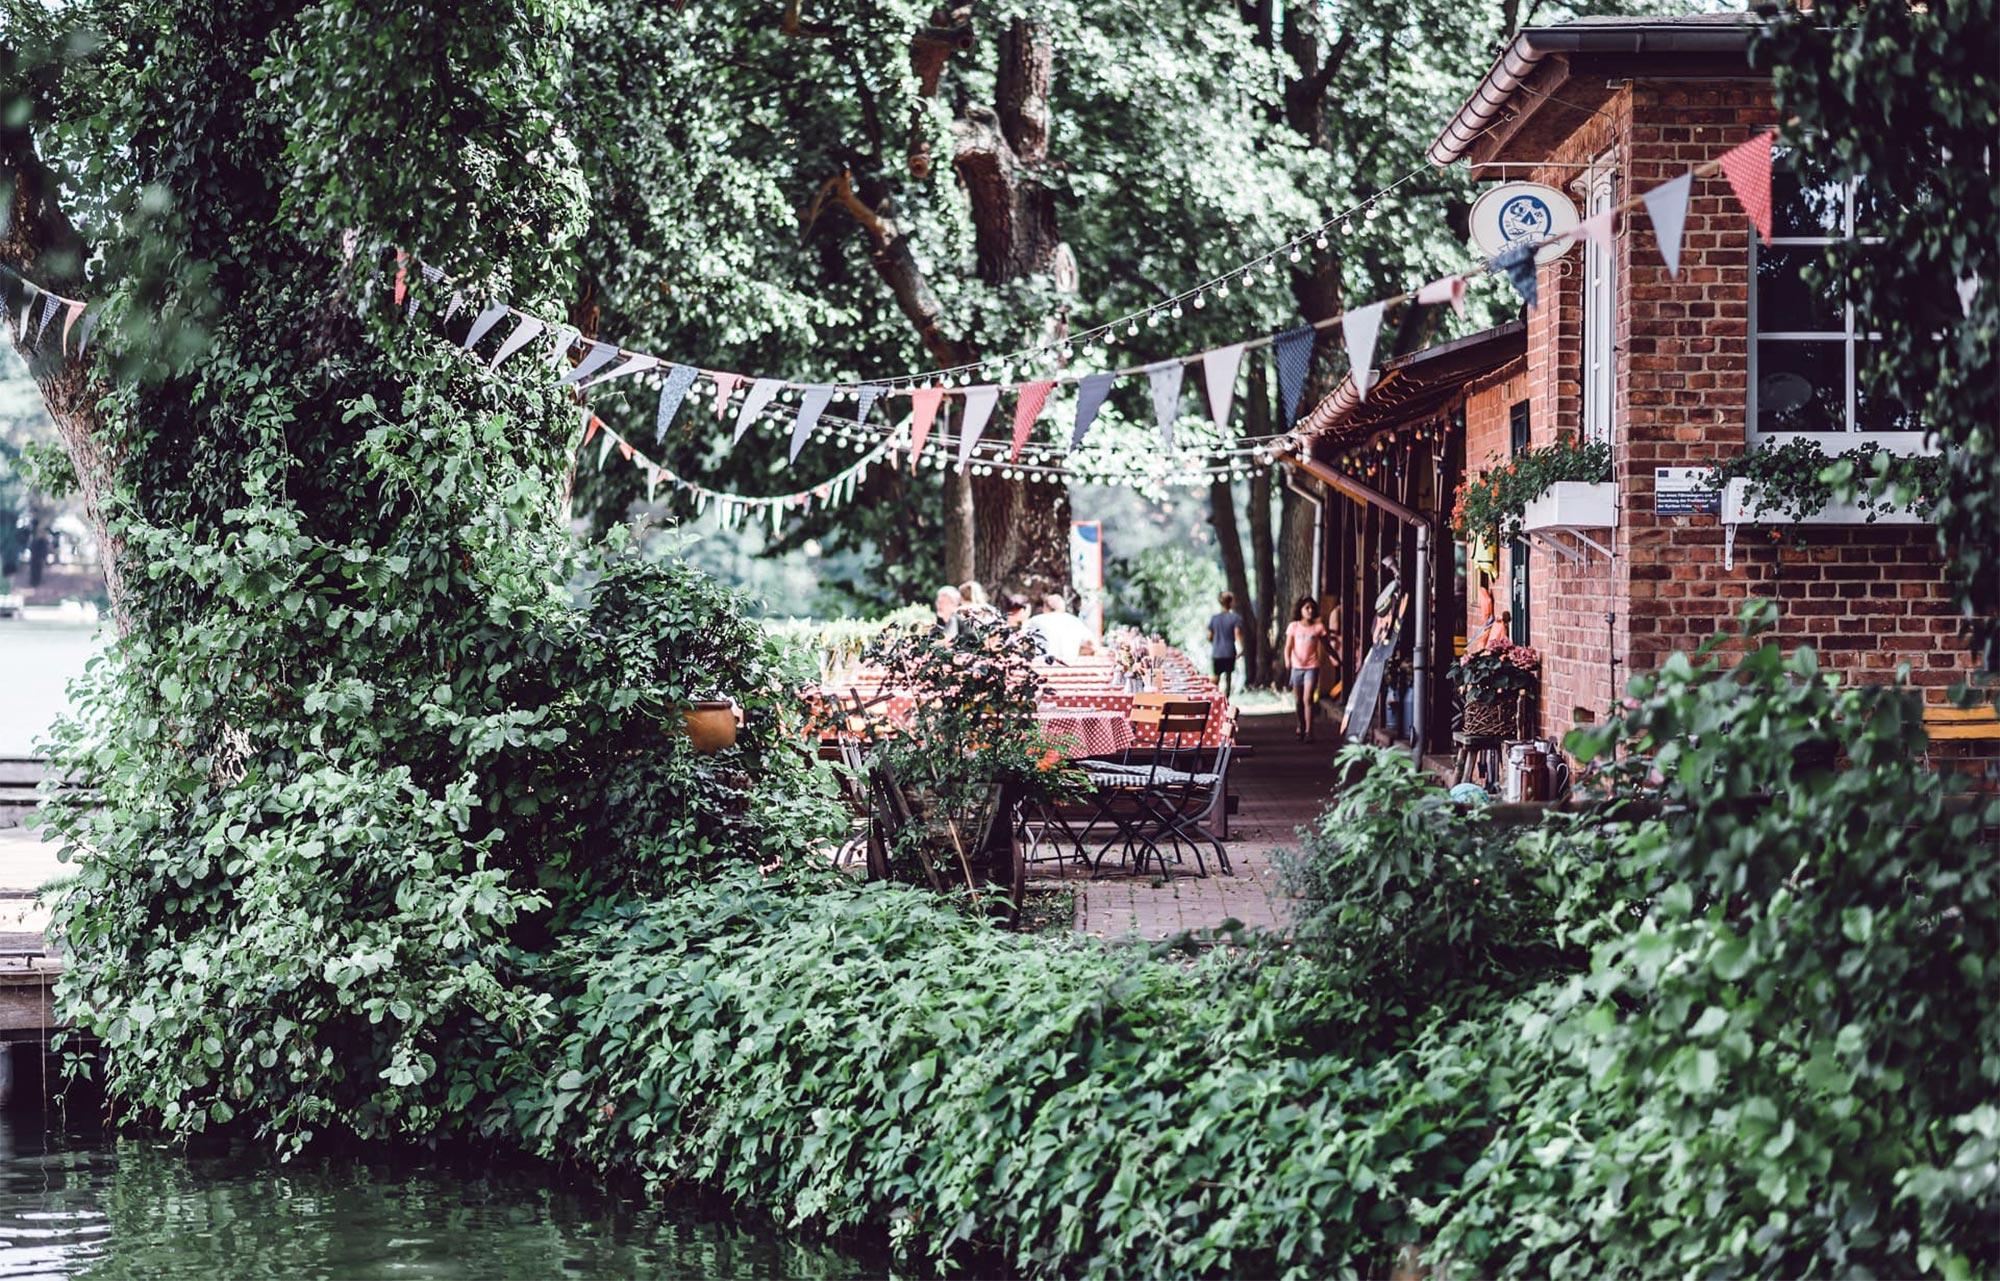 Ein Ort zum Entspannen, Genießen, Plantschen, Paddeln, Wohlfühlen und natürlich zum Schlemmen